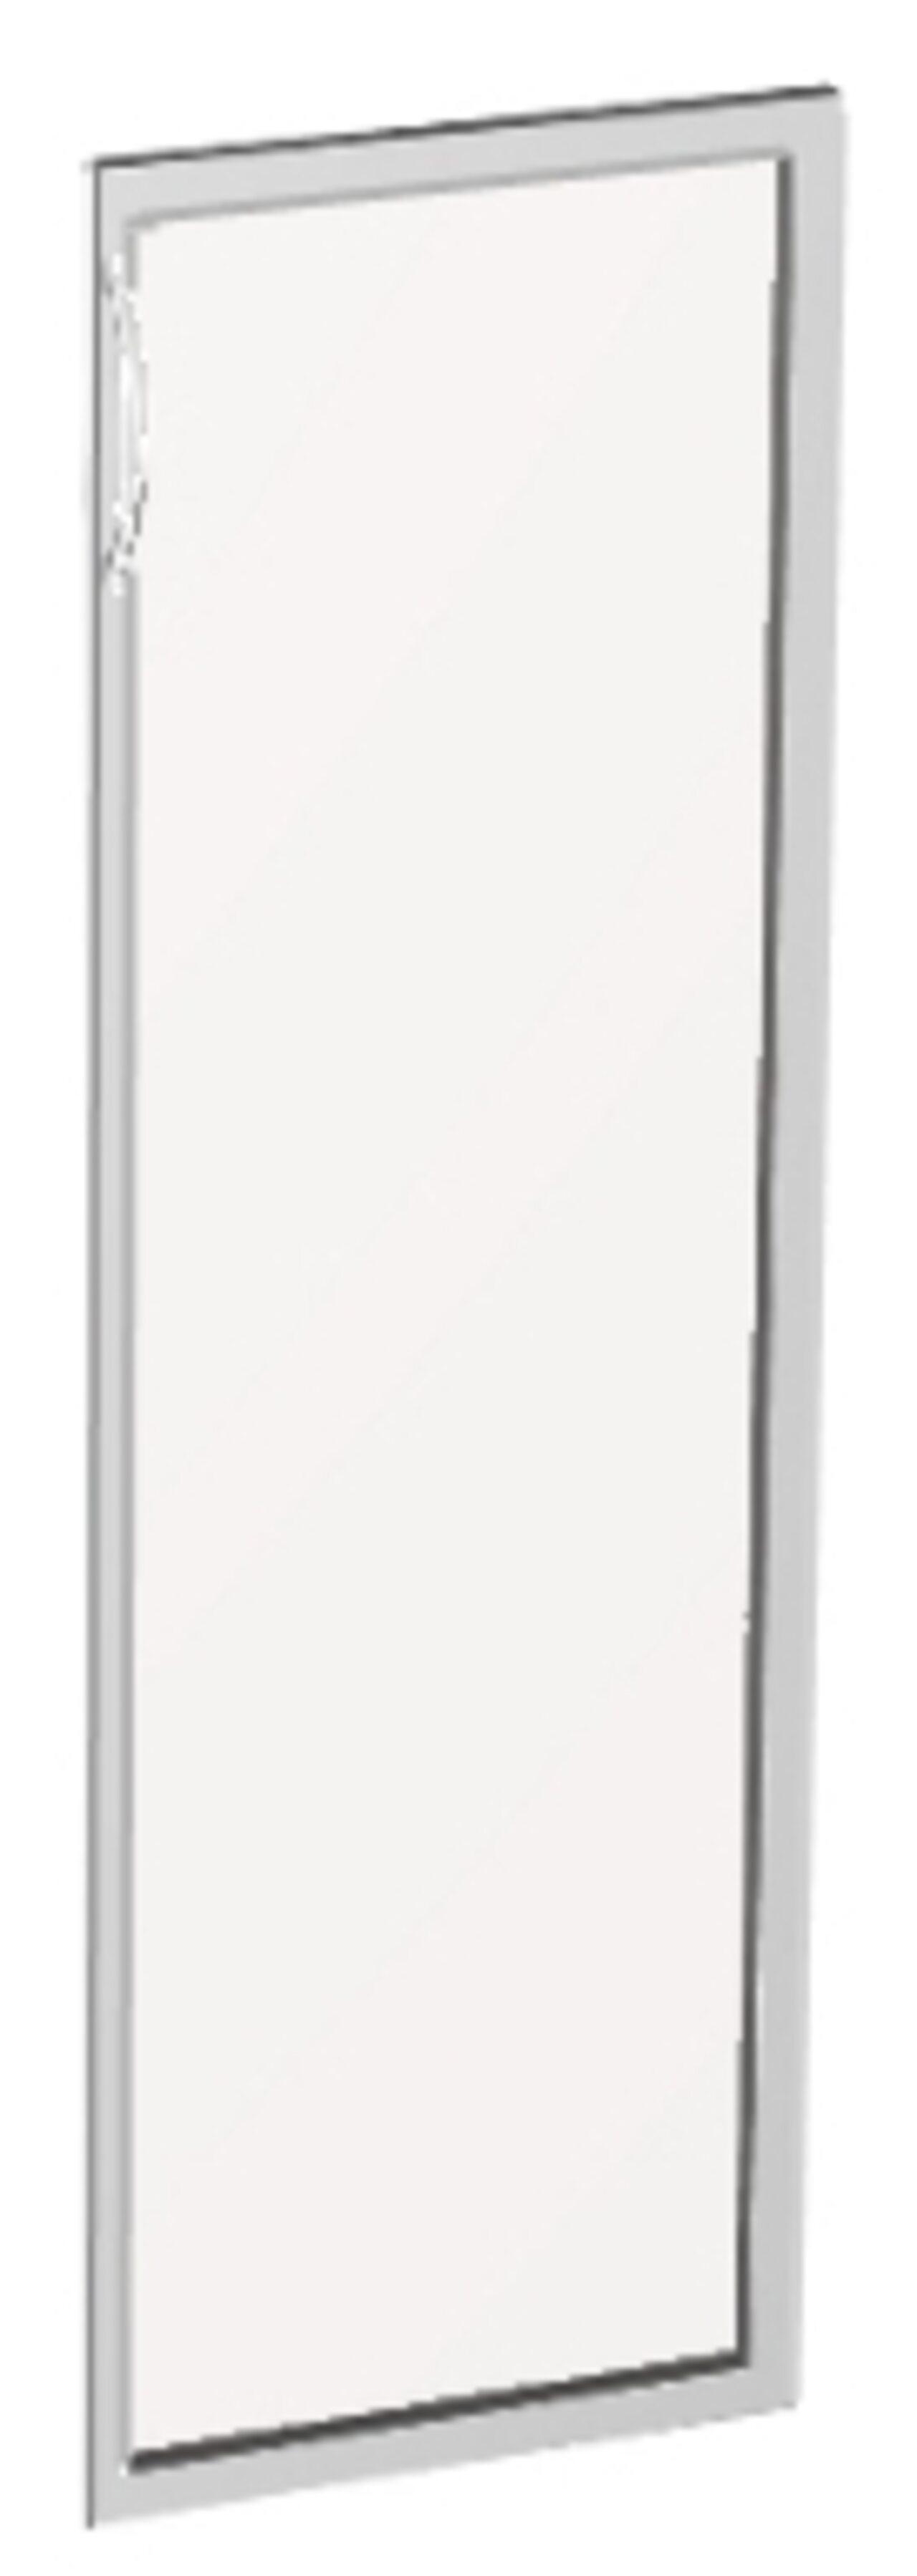 Дверь средняя стекло САТИН  Консул-ЛАК  - фото 1